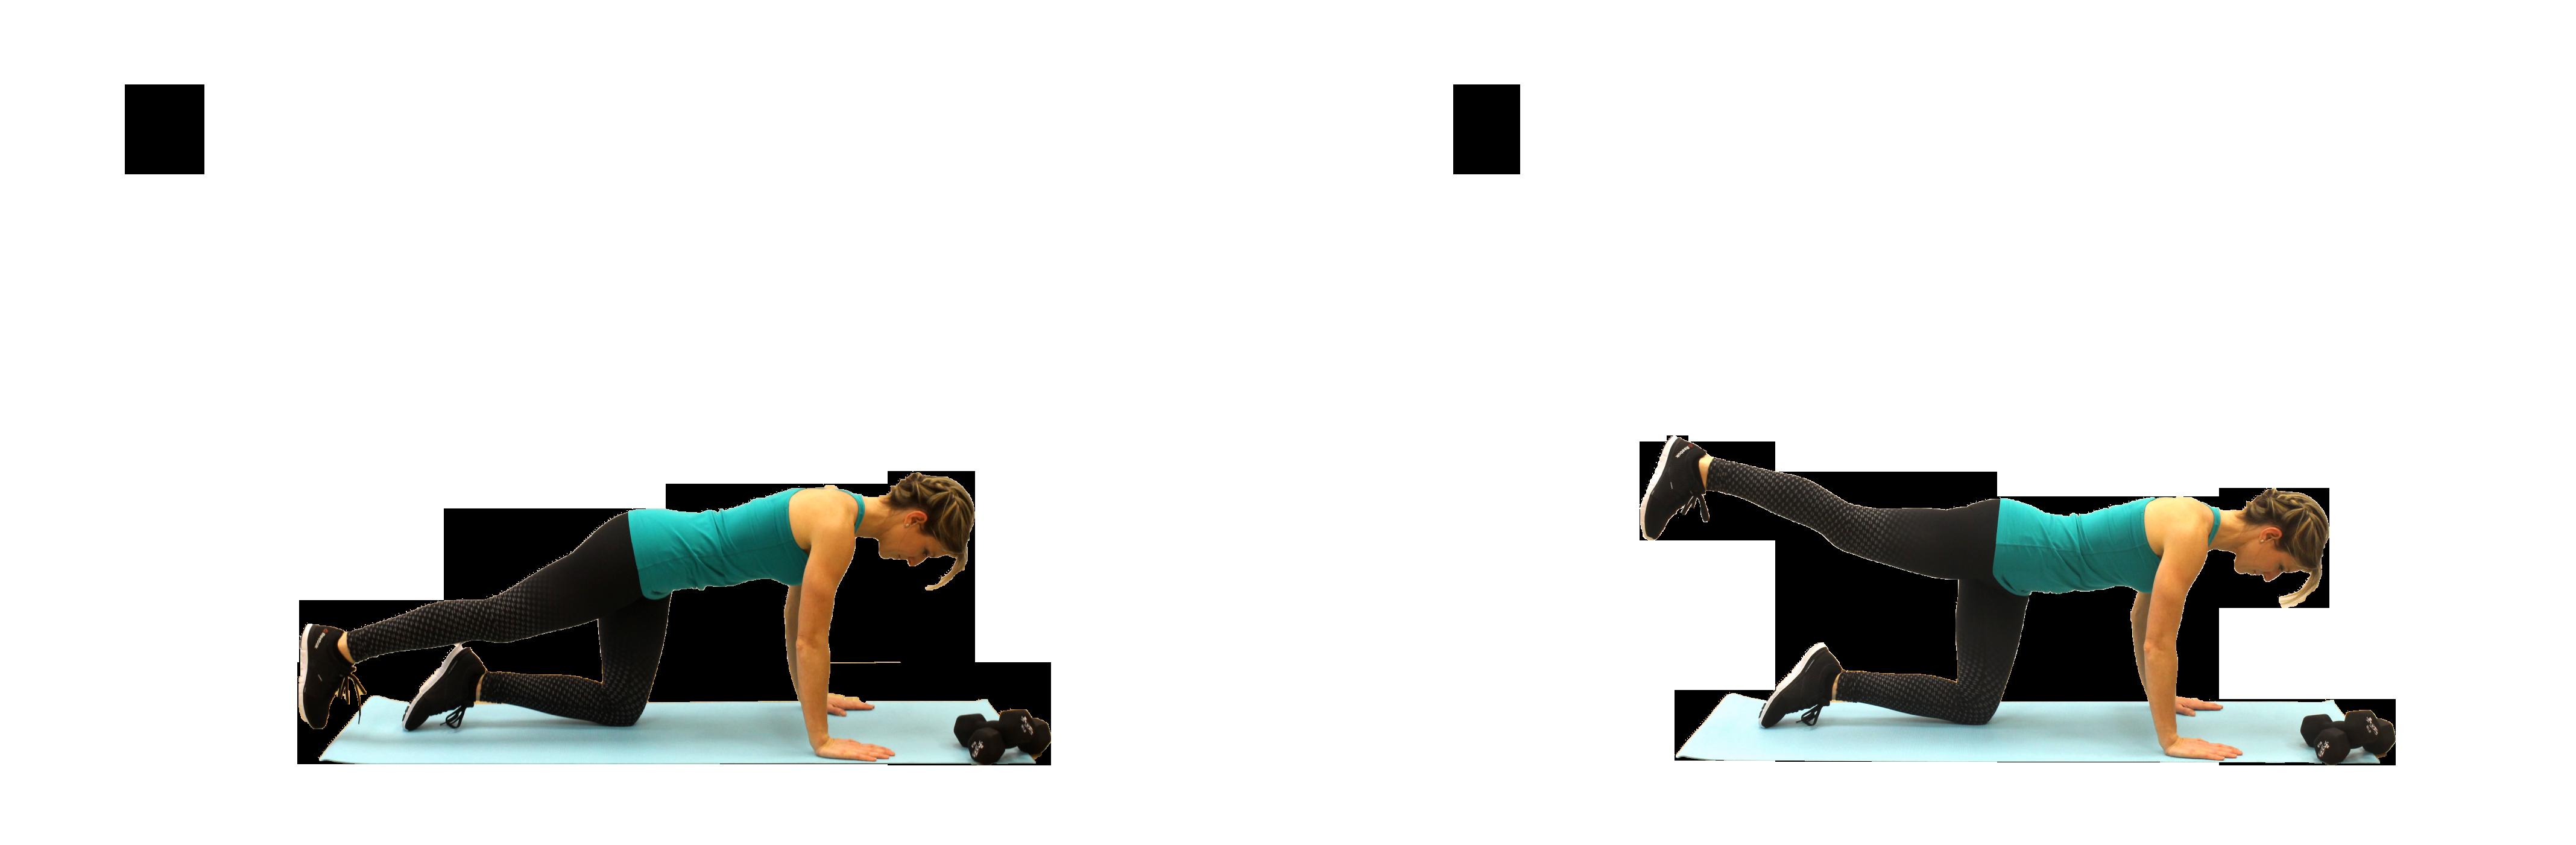 05_Elevation-de-la-jambe-en-position-planche